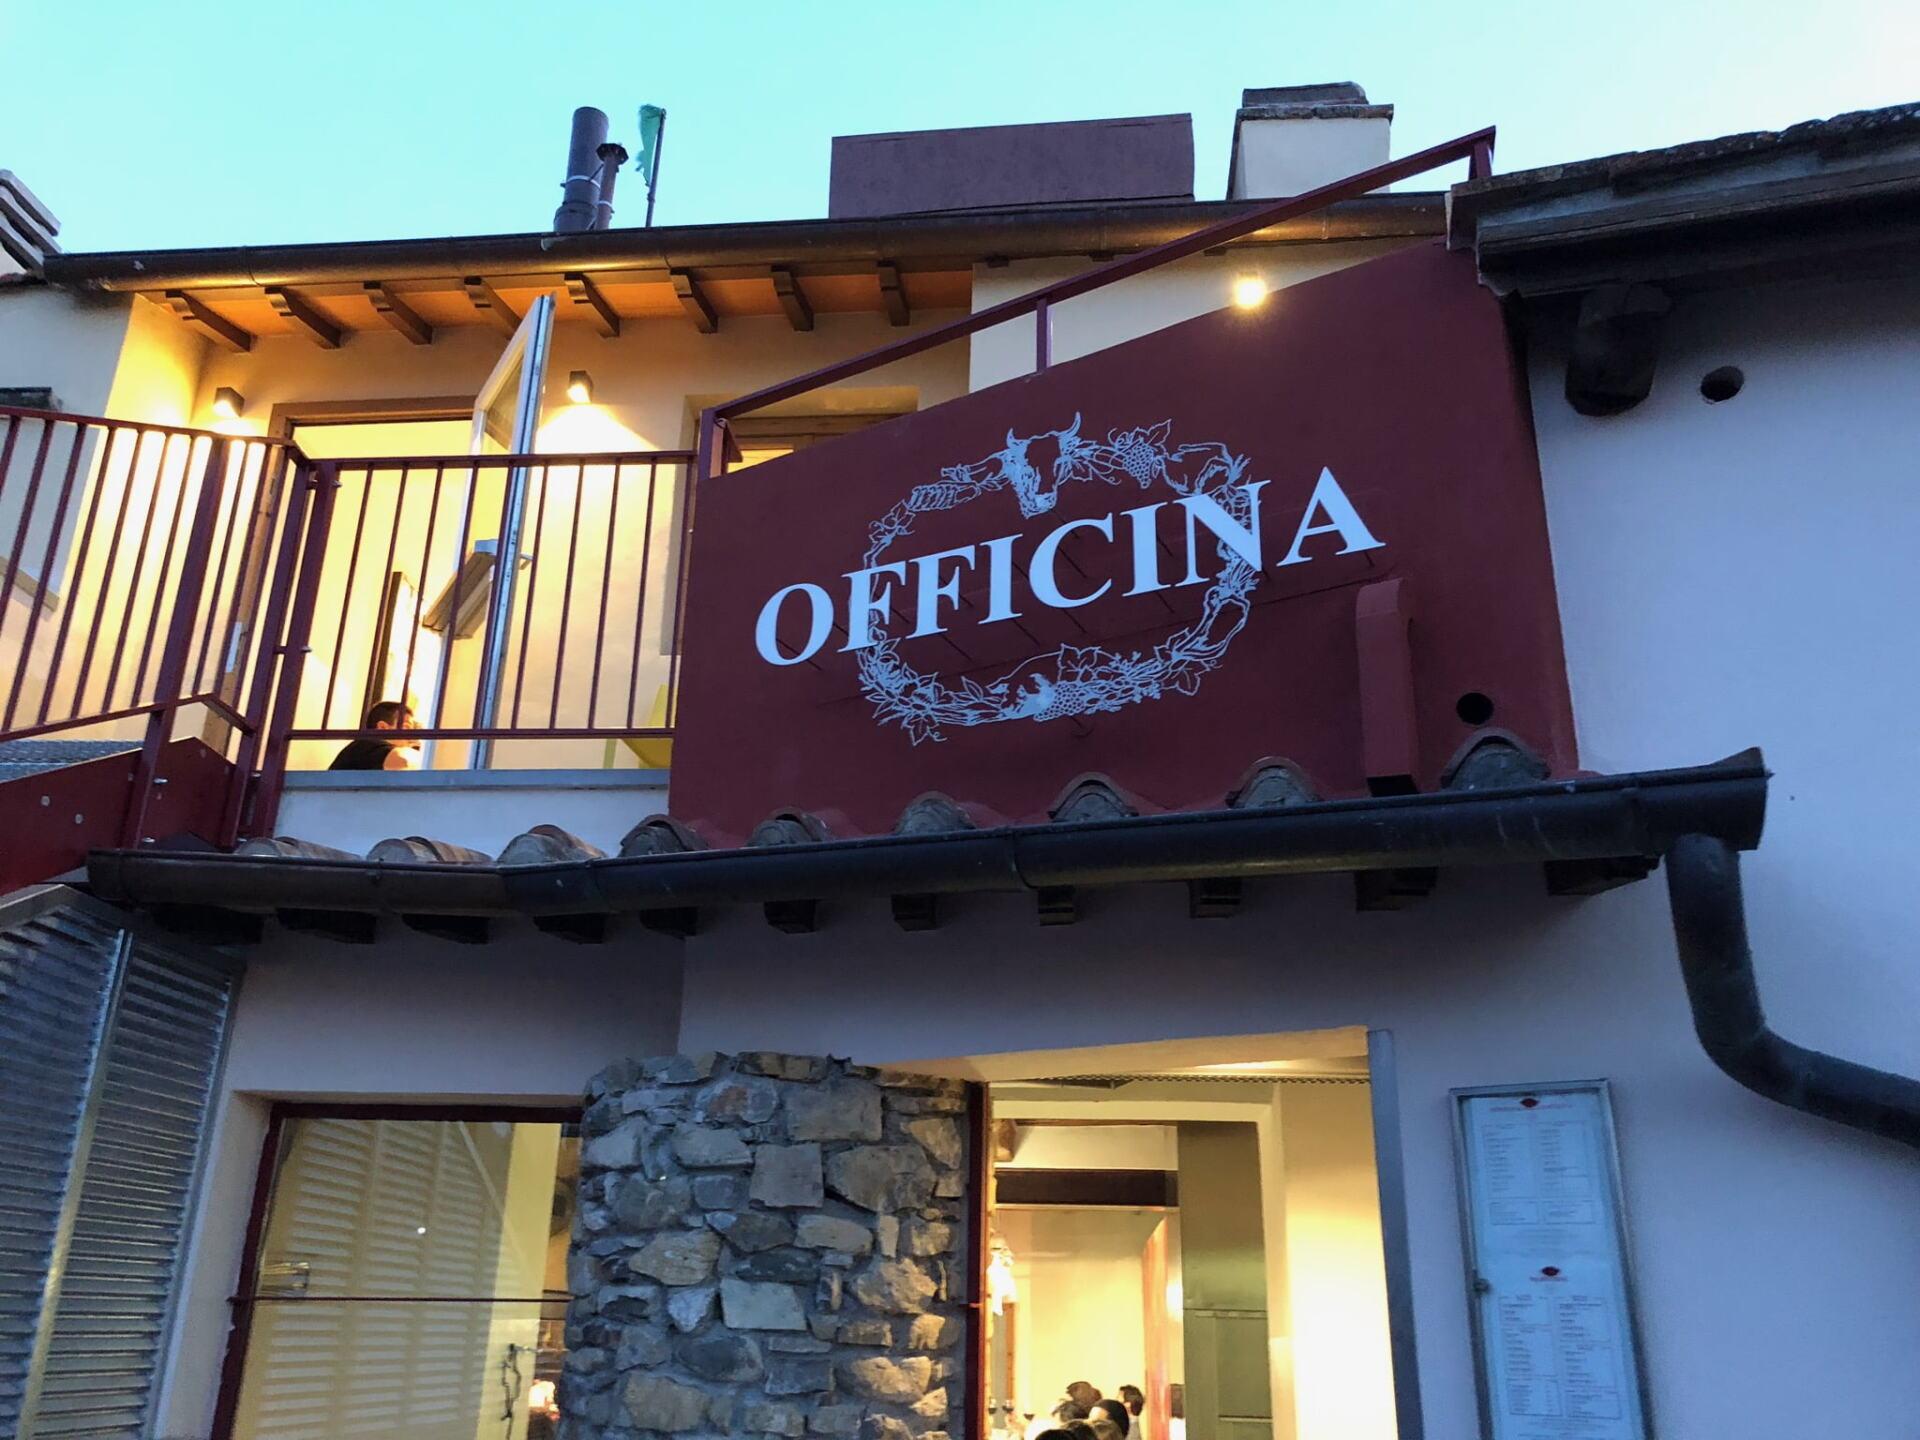 Dario's Restaurant in Panzano